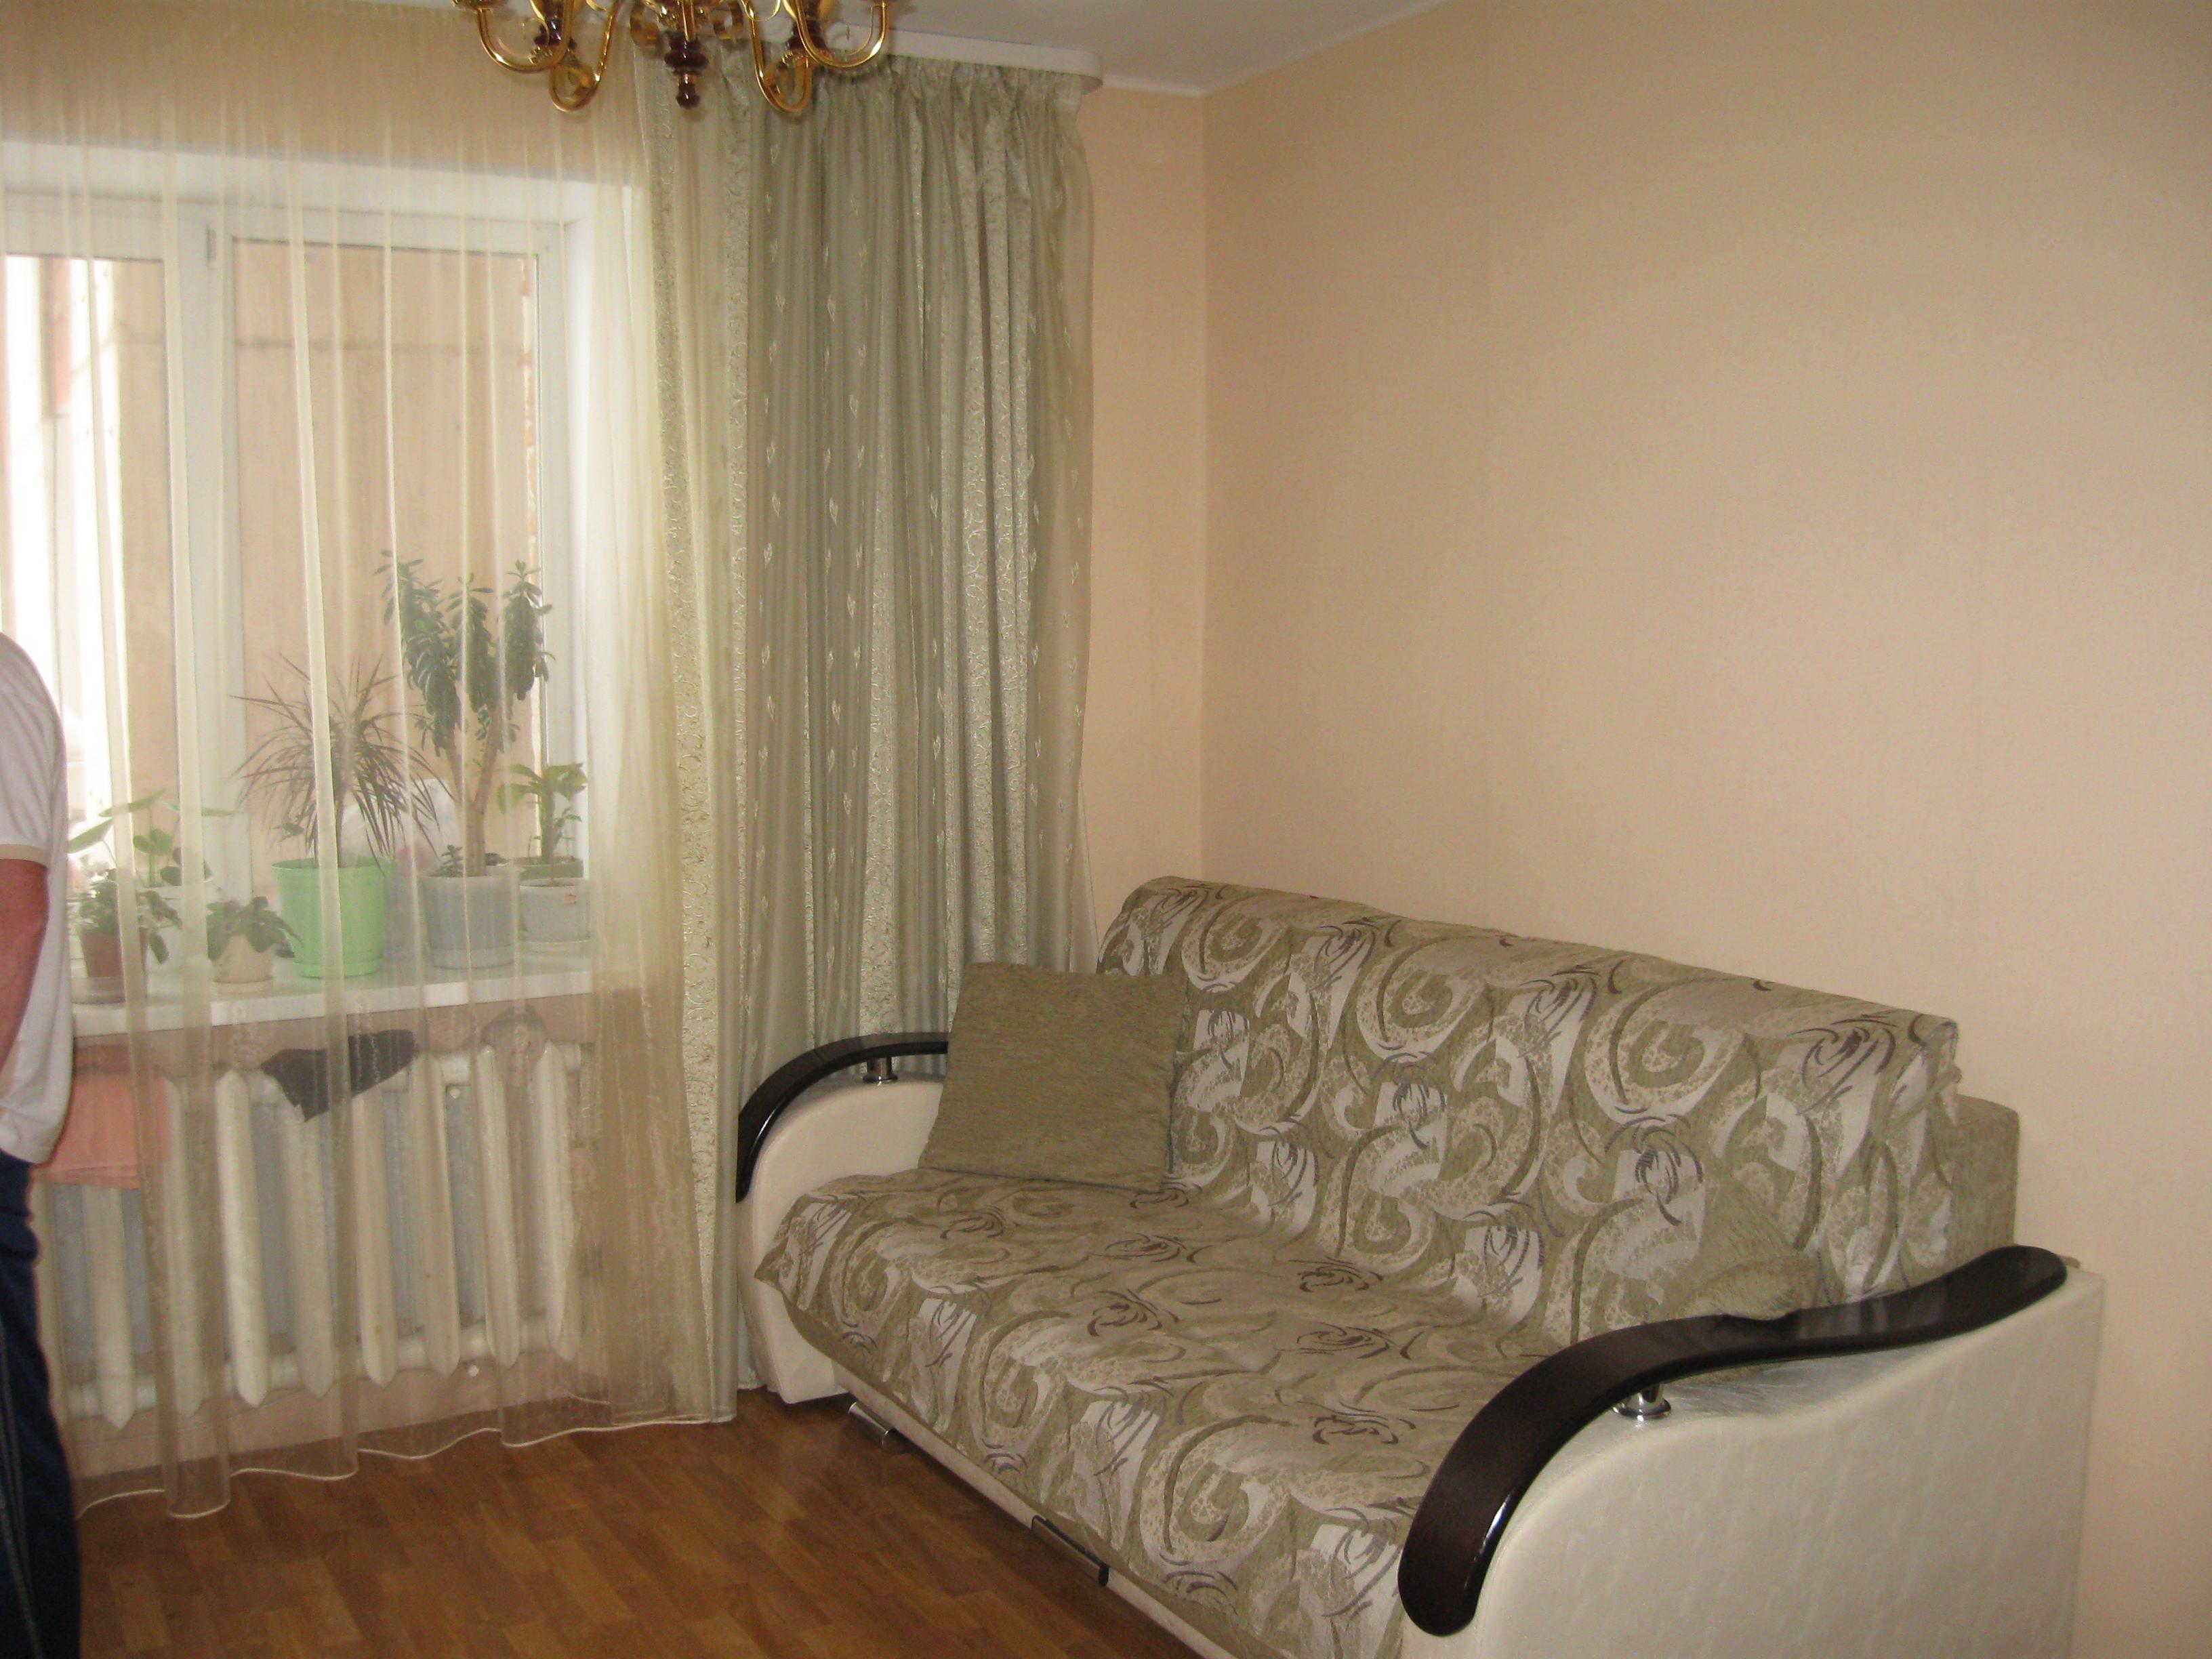 продам квартиру-студию в З.Роще с хорошим ремонтом